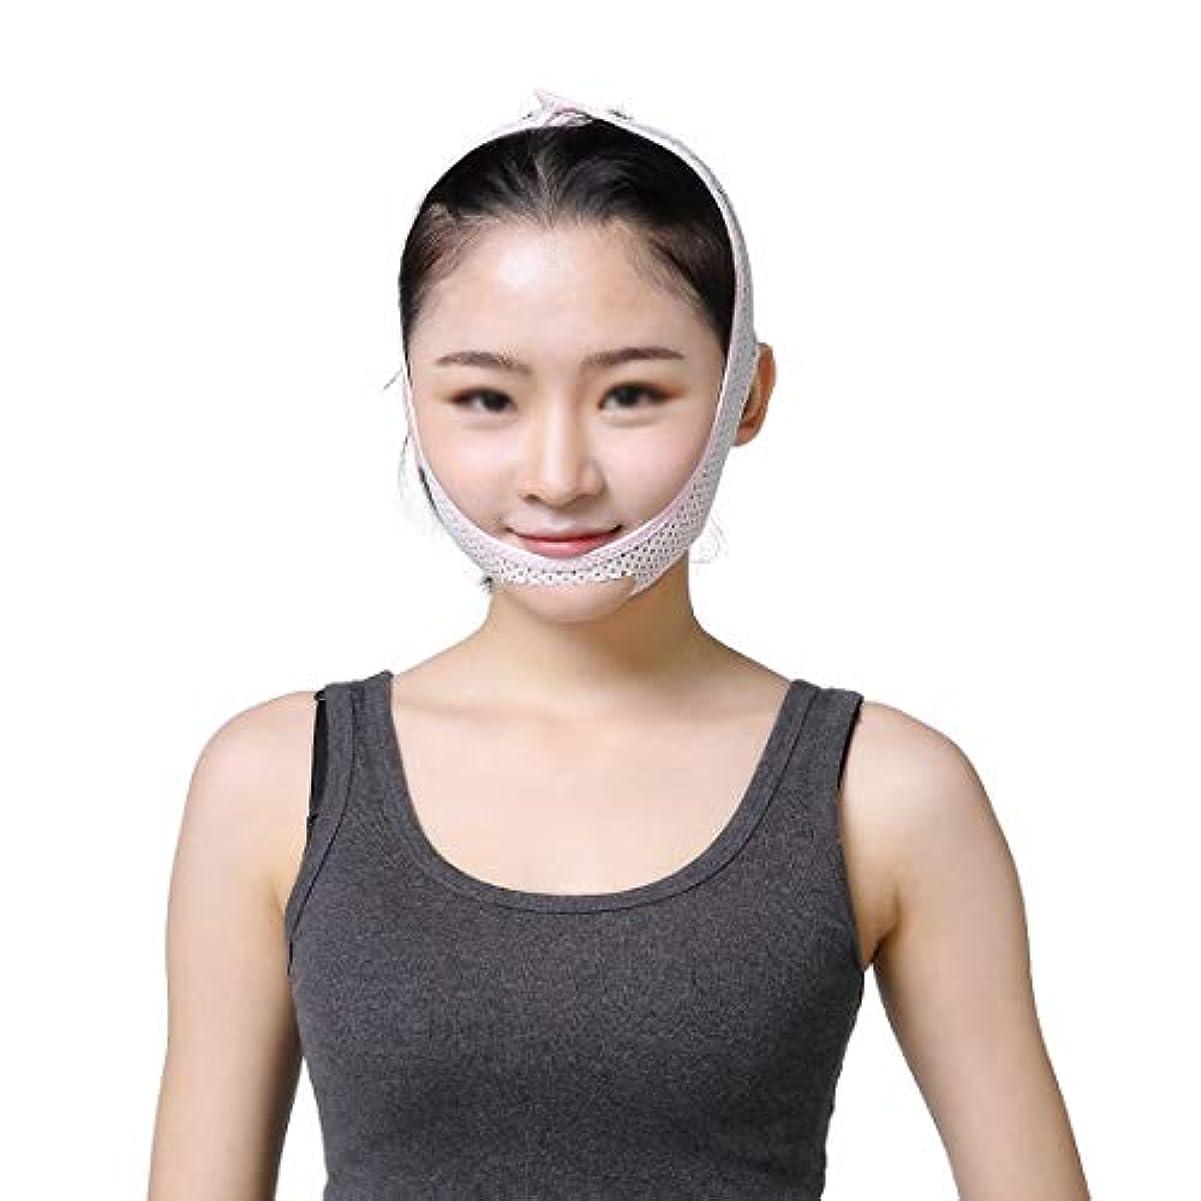 ラウズ栄光メンバーZWBD フェイスマスク, 薄い顔包帯美容機器持ち上がる引き締めダブルチン判決V顔の引き締め痩身包帯引き締めフェイシャルマッサージ (Size : L)